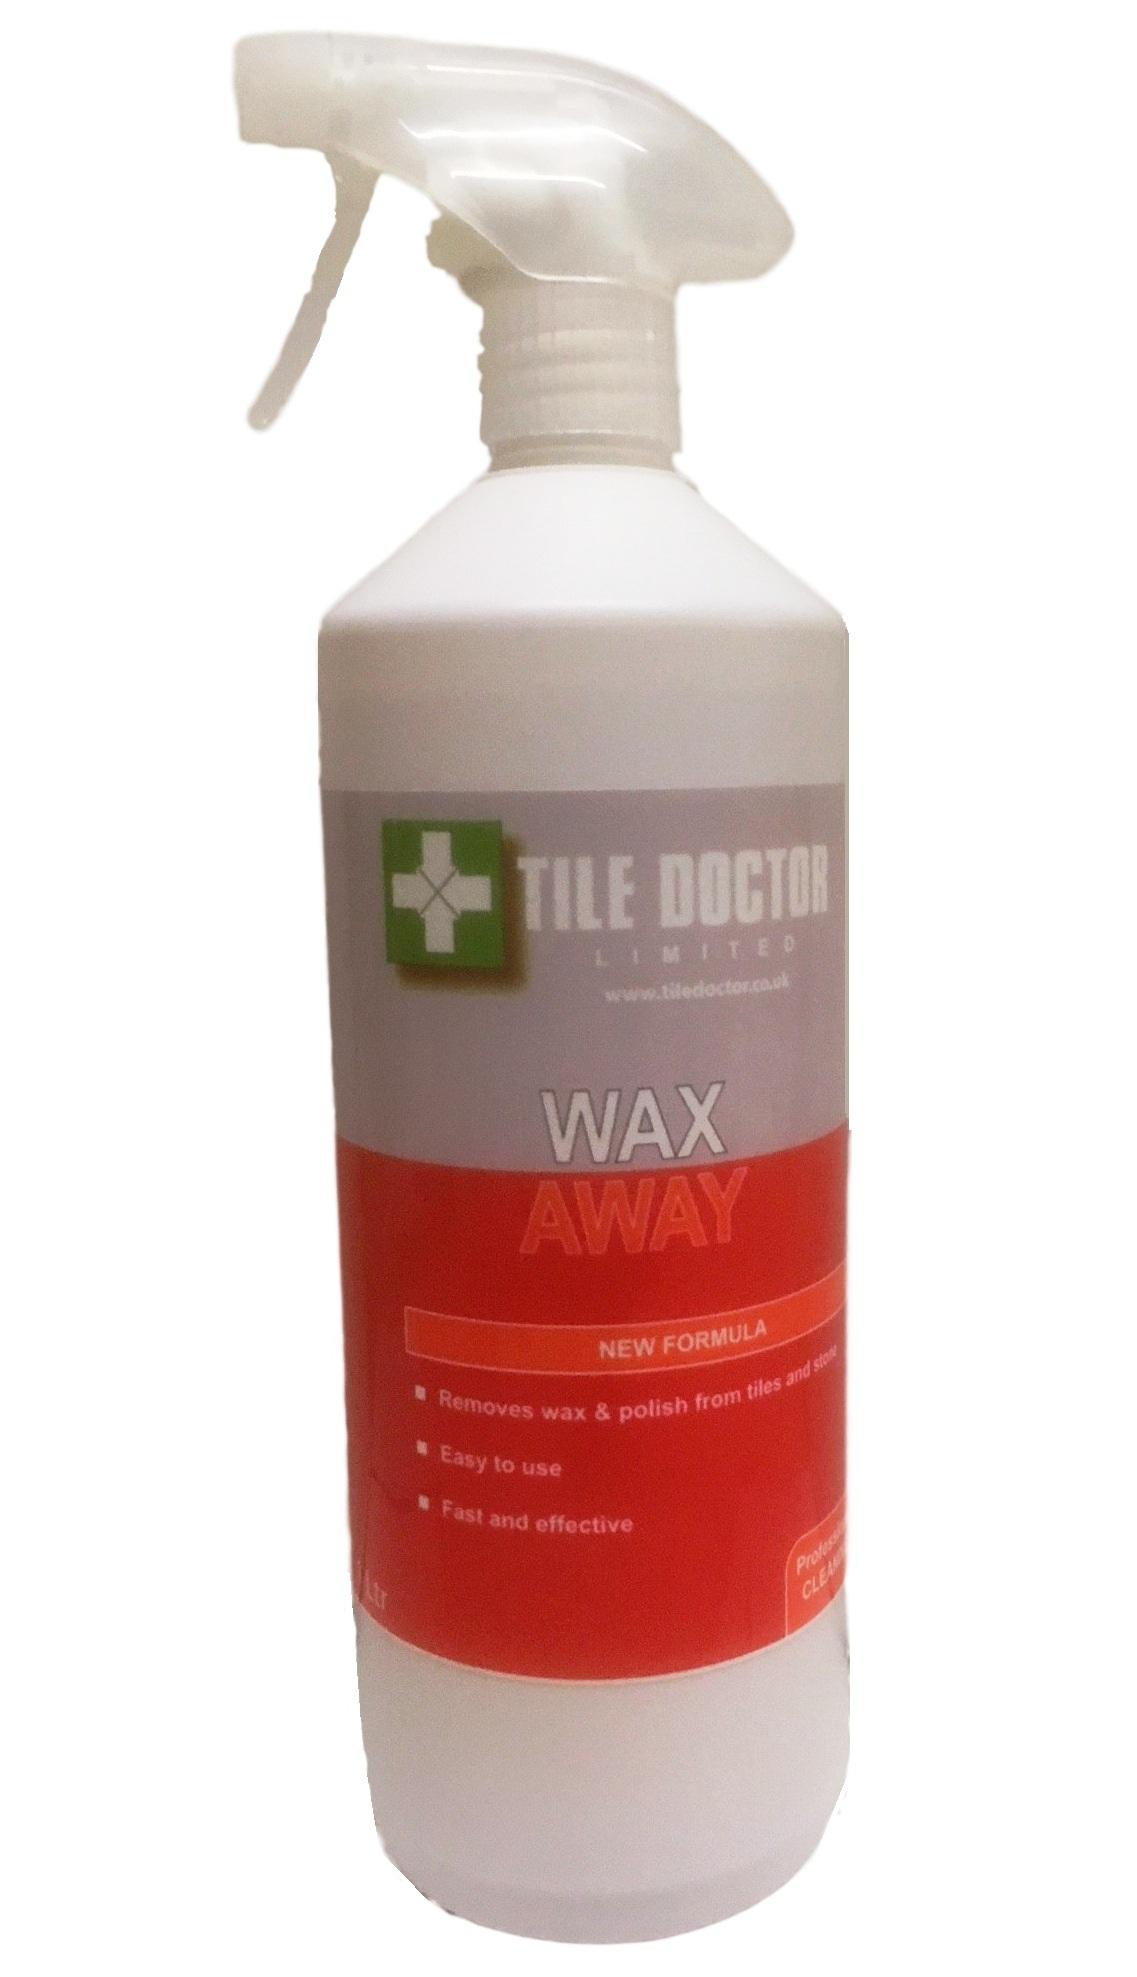 Tile Doctor Wax Away